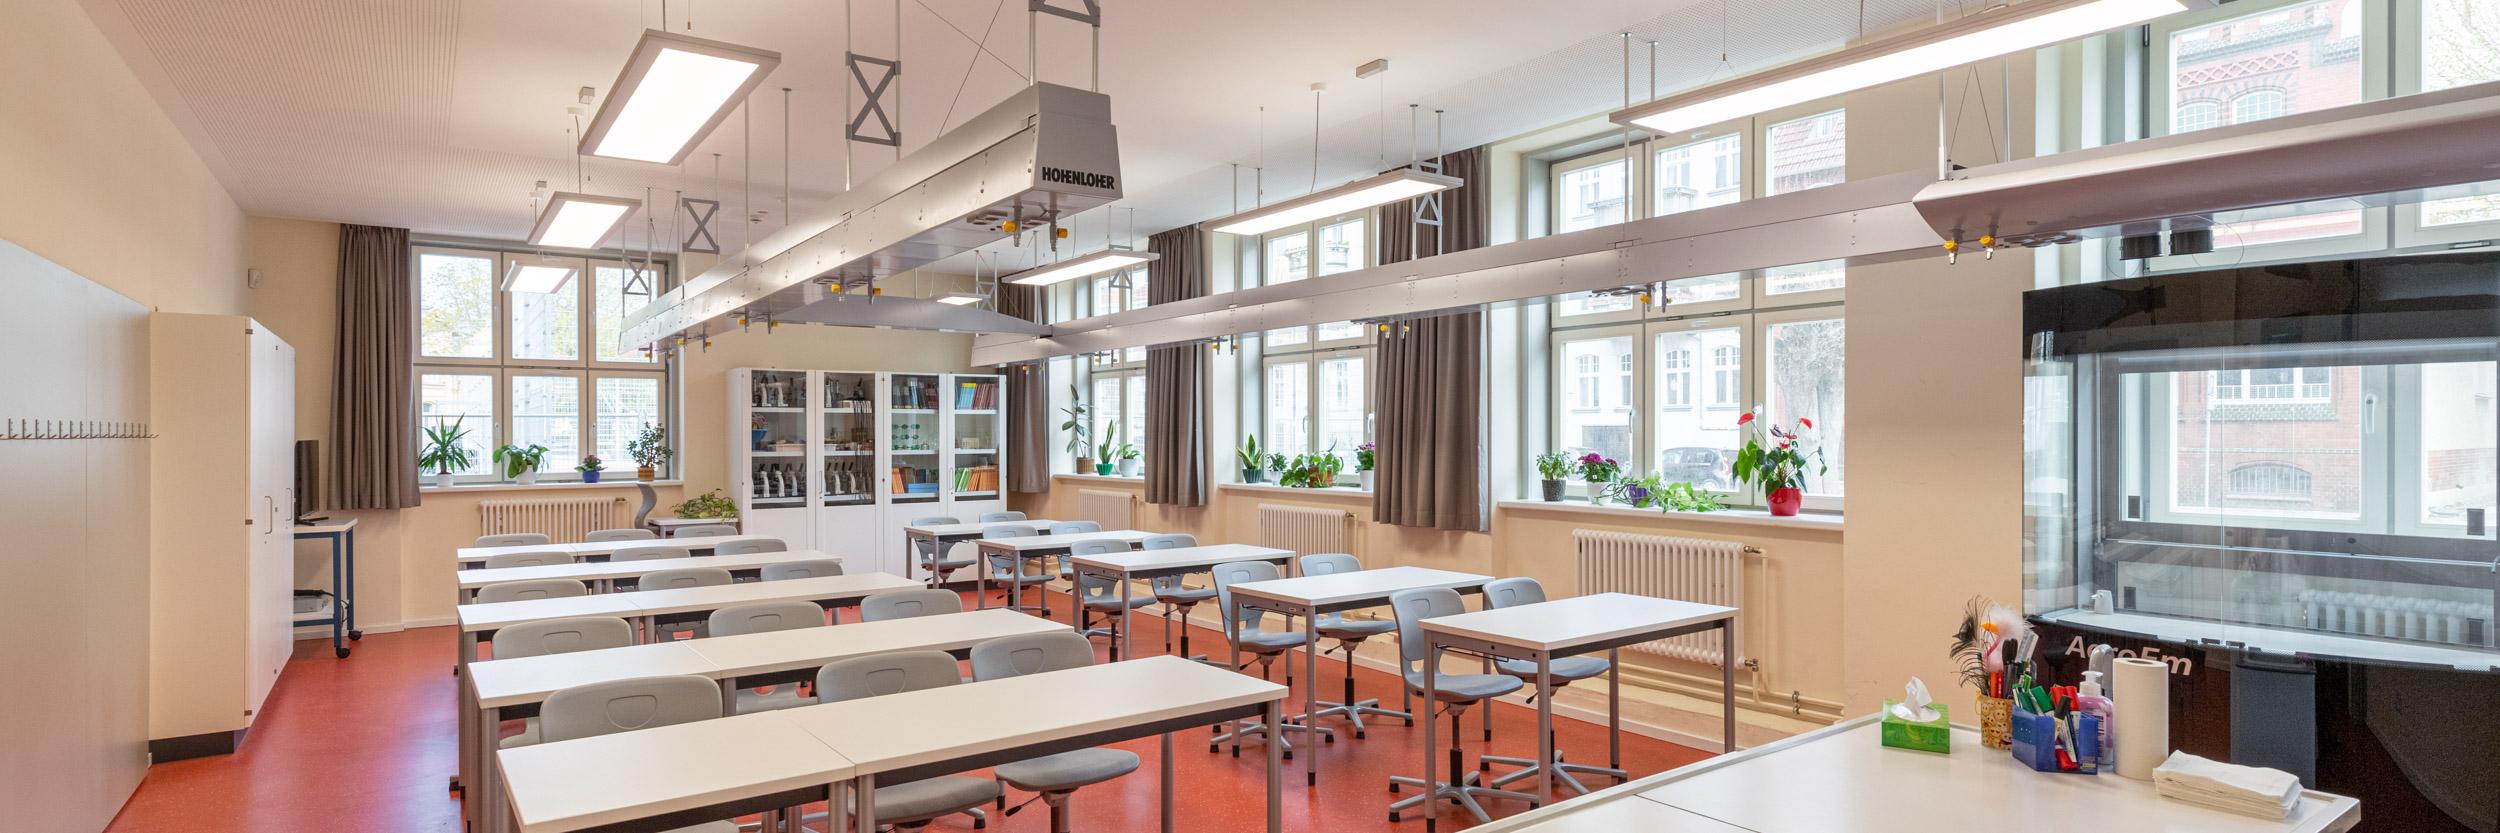 Ernst Moritz Arndt Schule Greifswald - Neuer Chemieraum